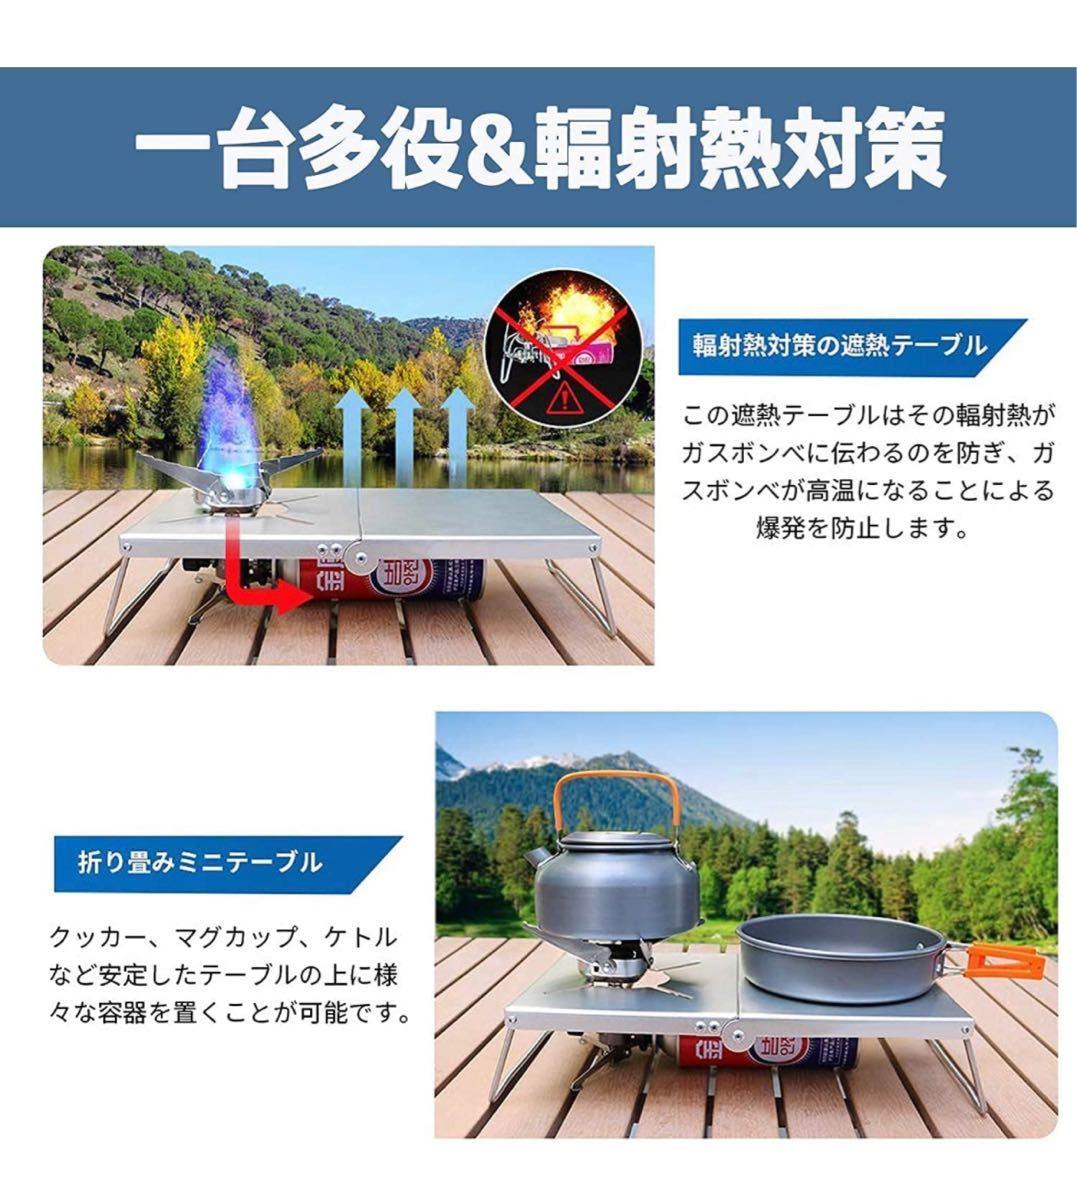 遮熱テーブル 折り畳み ステンレス制 簡単組立 コンパクト アウトドア